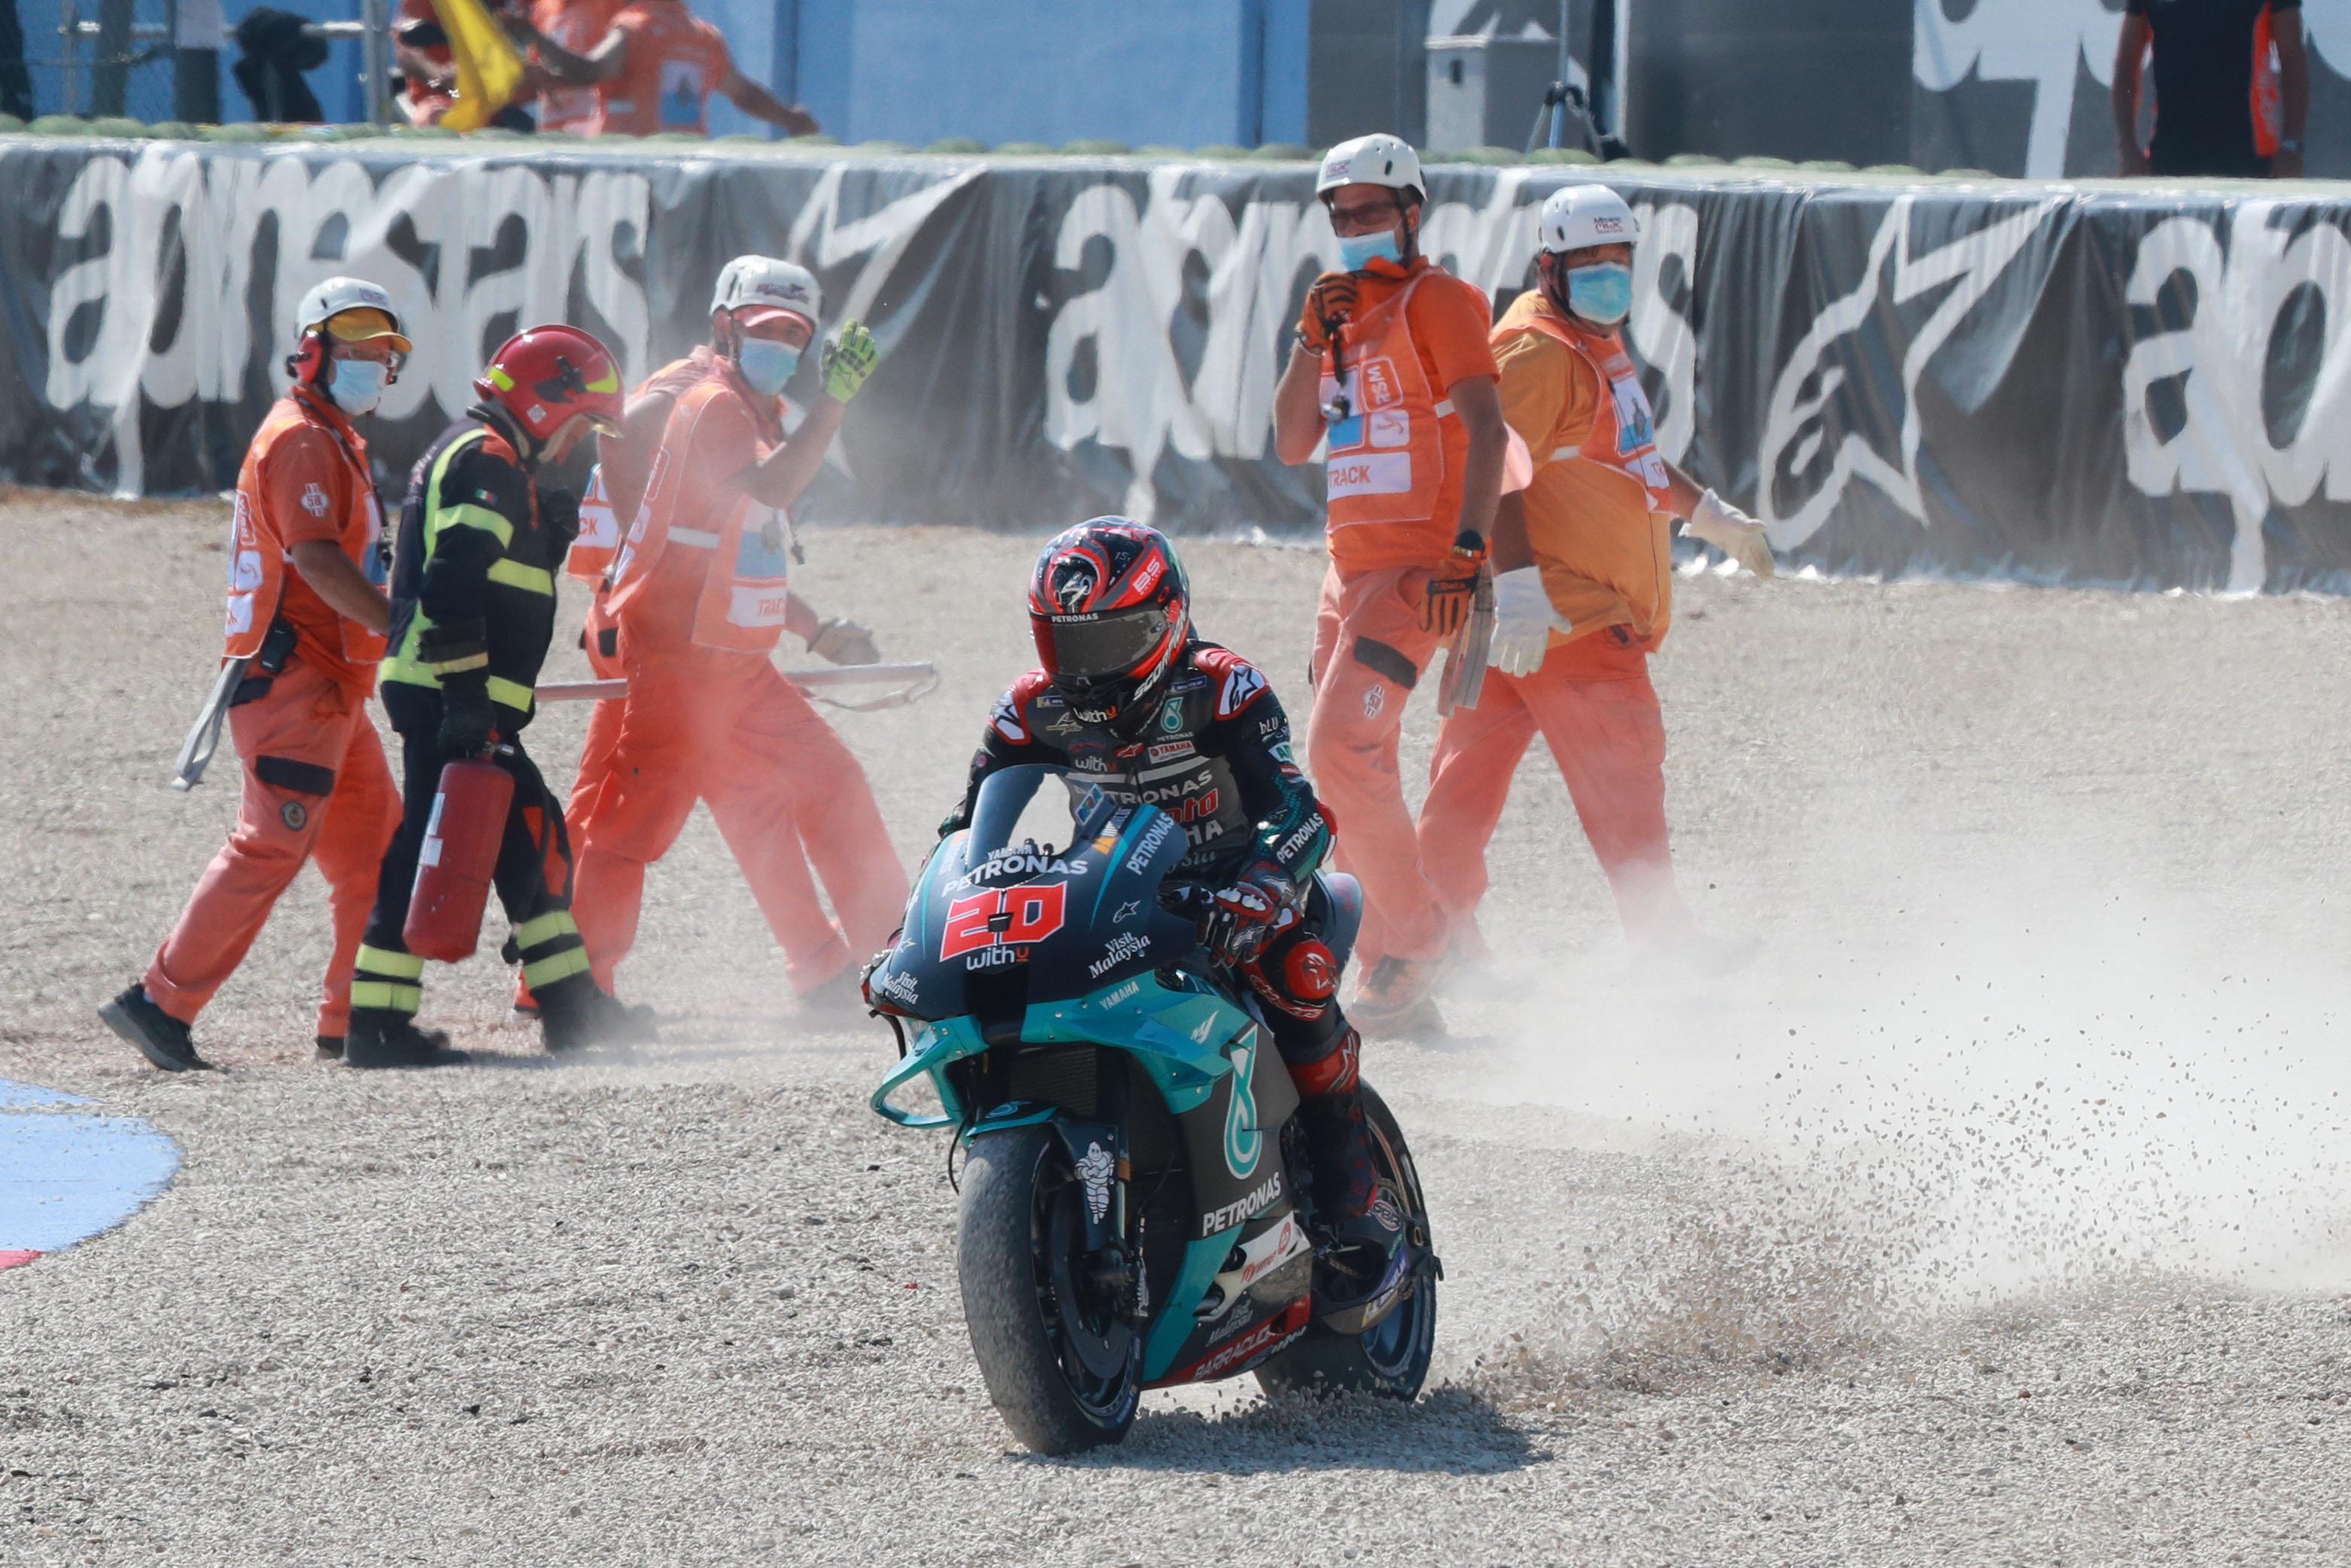 Fabio Quartararo off Misano MotoGP 2020